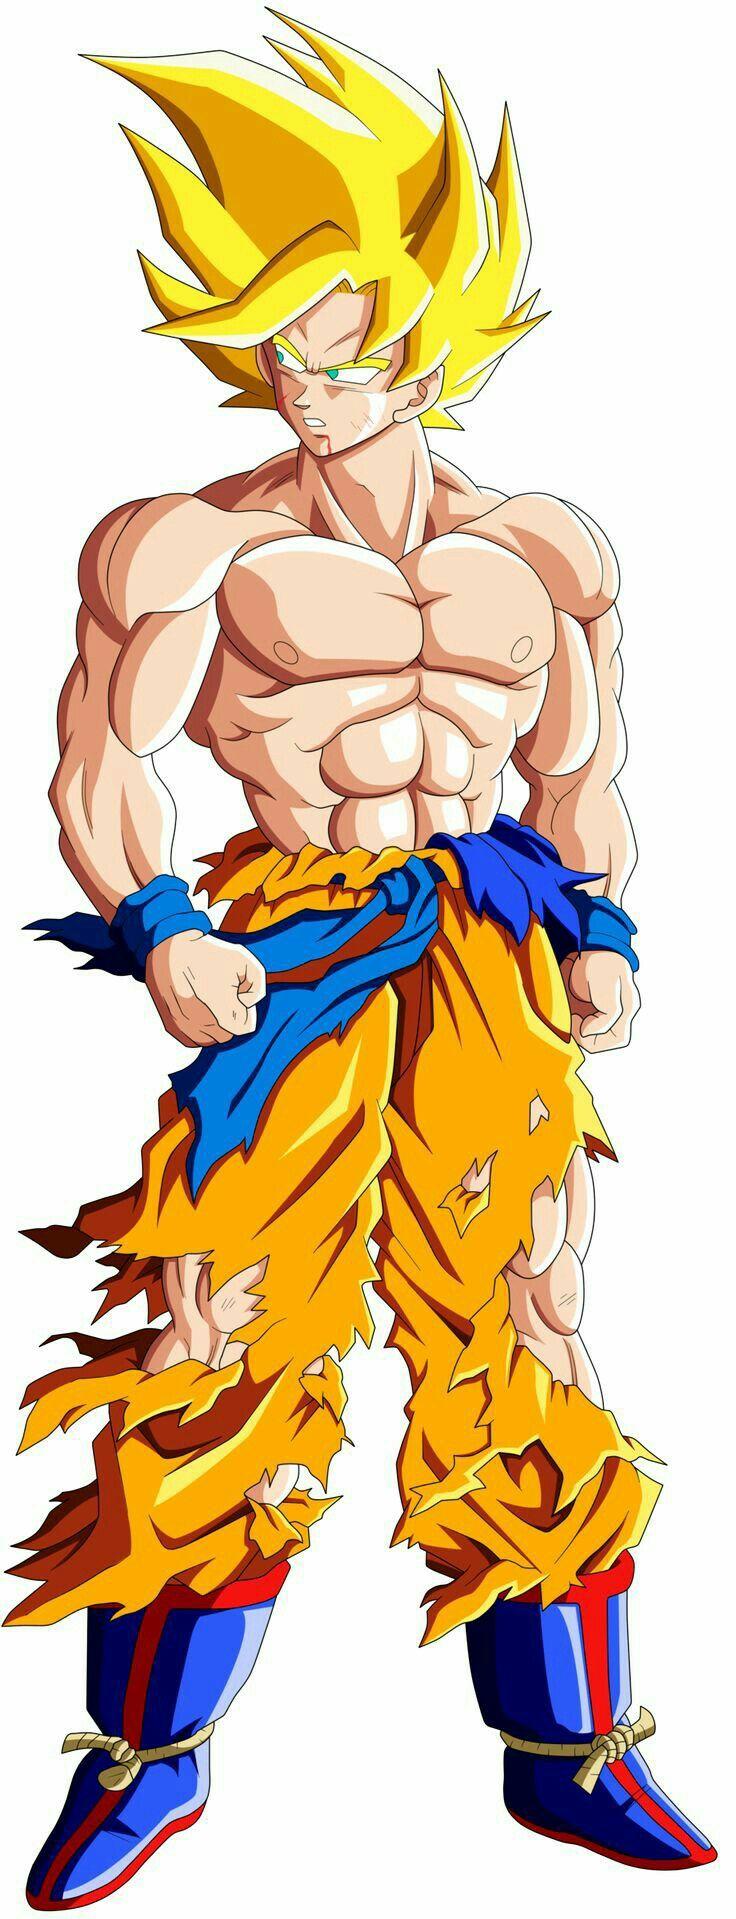 Goku Super Saiyajin 1